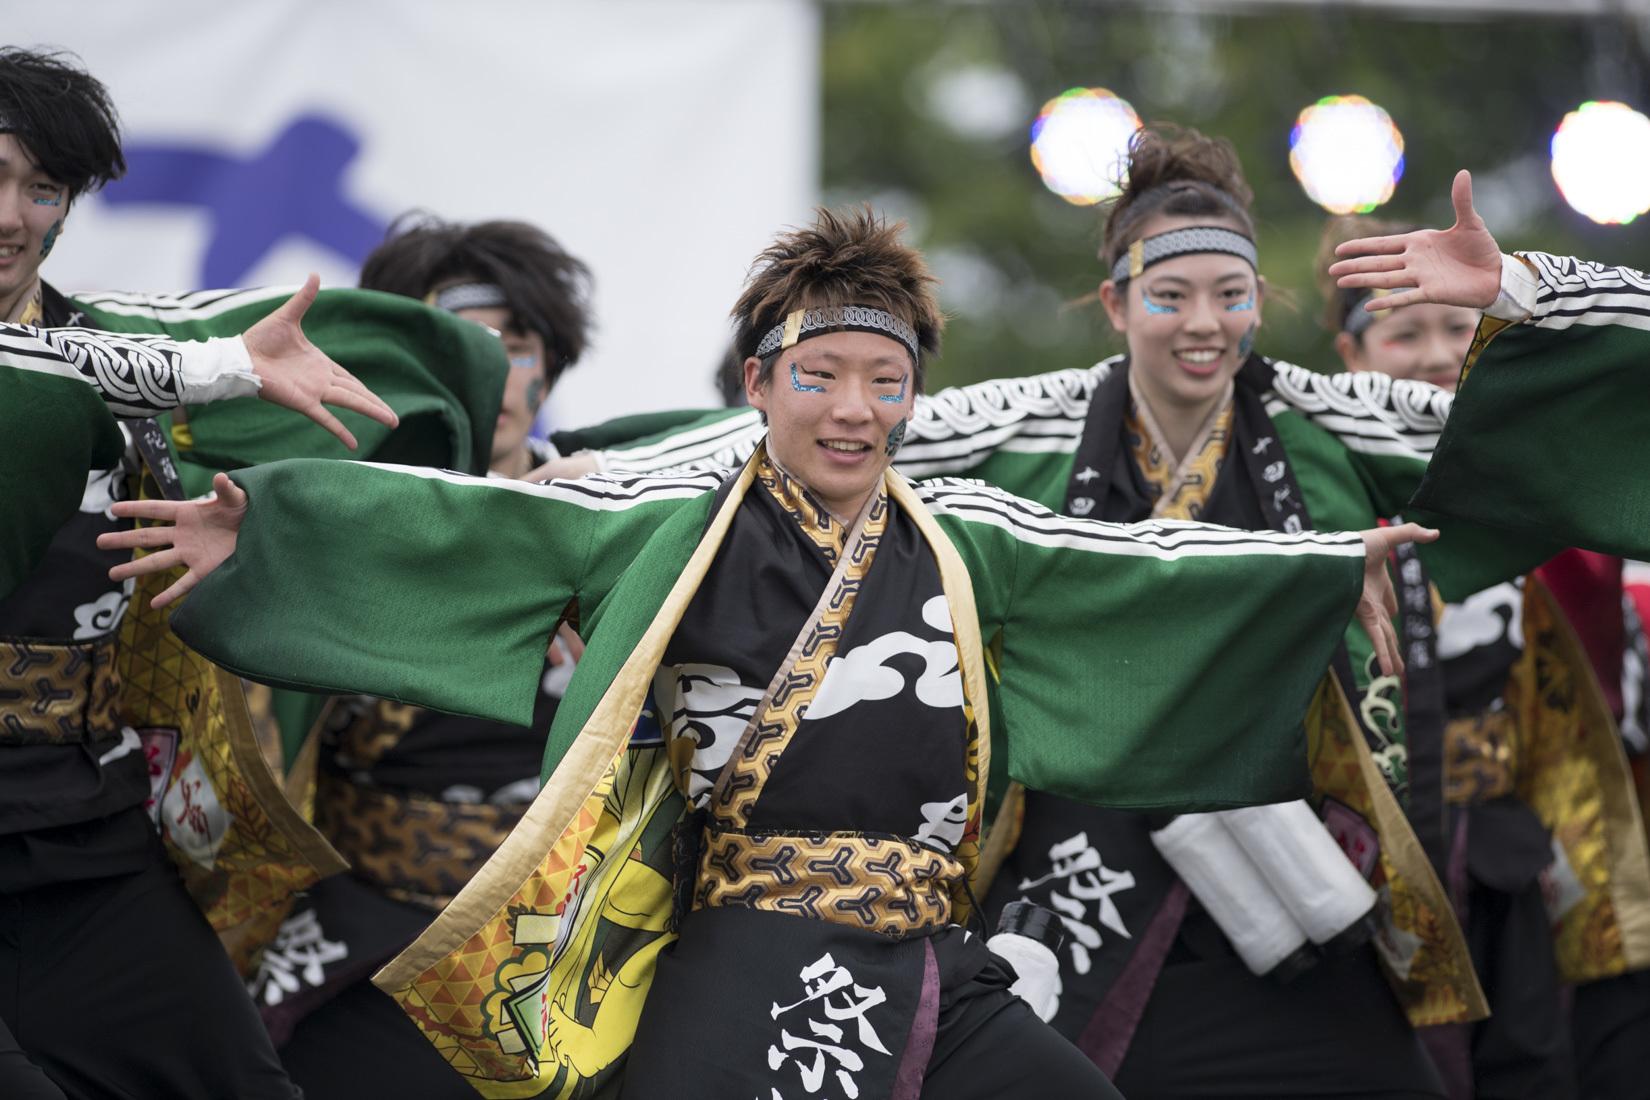 2019 犬山踊芸祭『浜松学生連 鰻陀羅』_f0184198_00130229.jpg